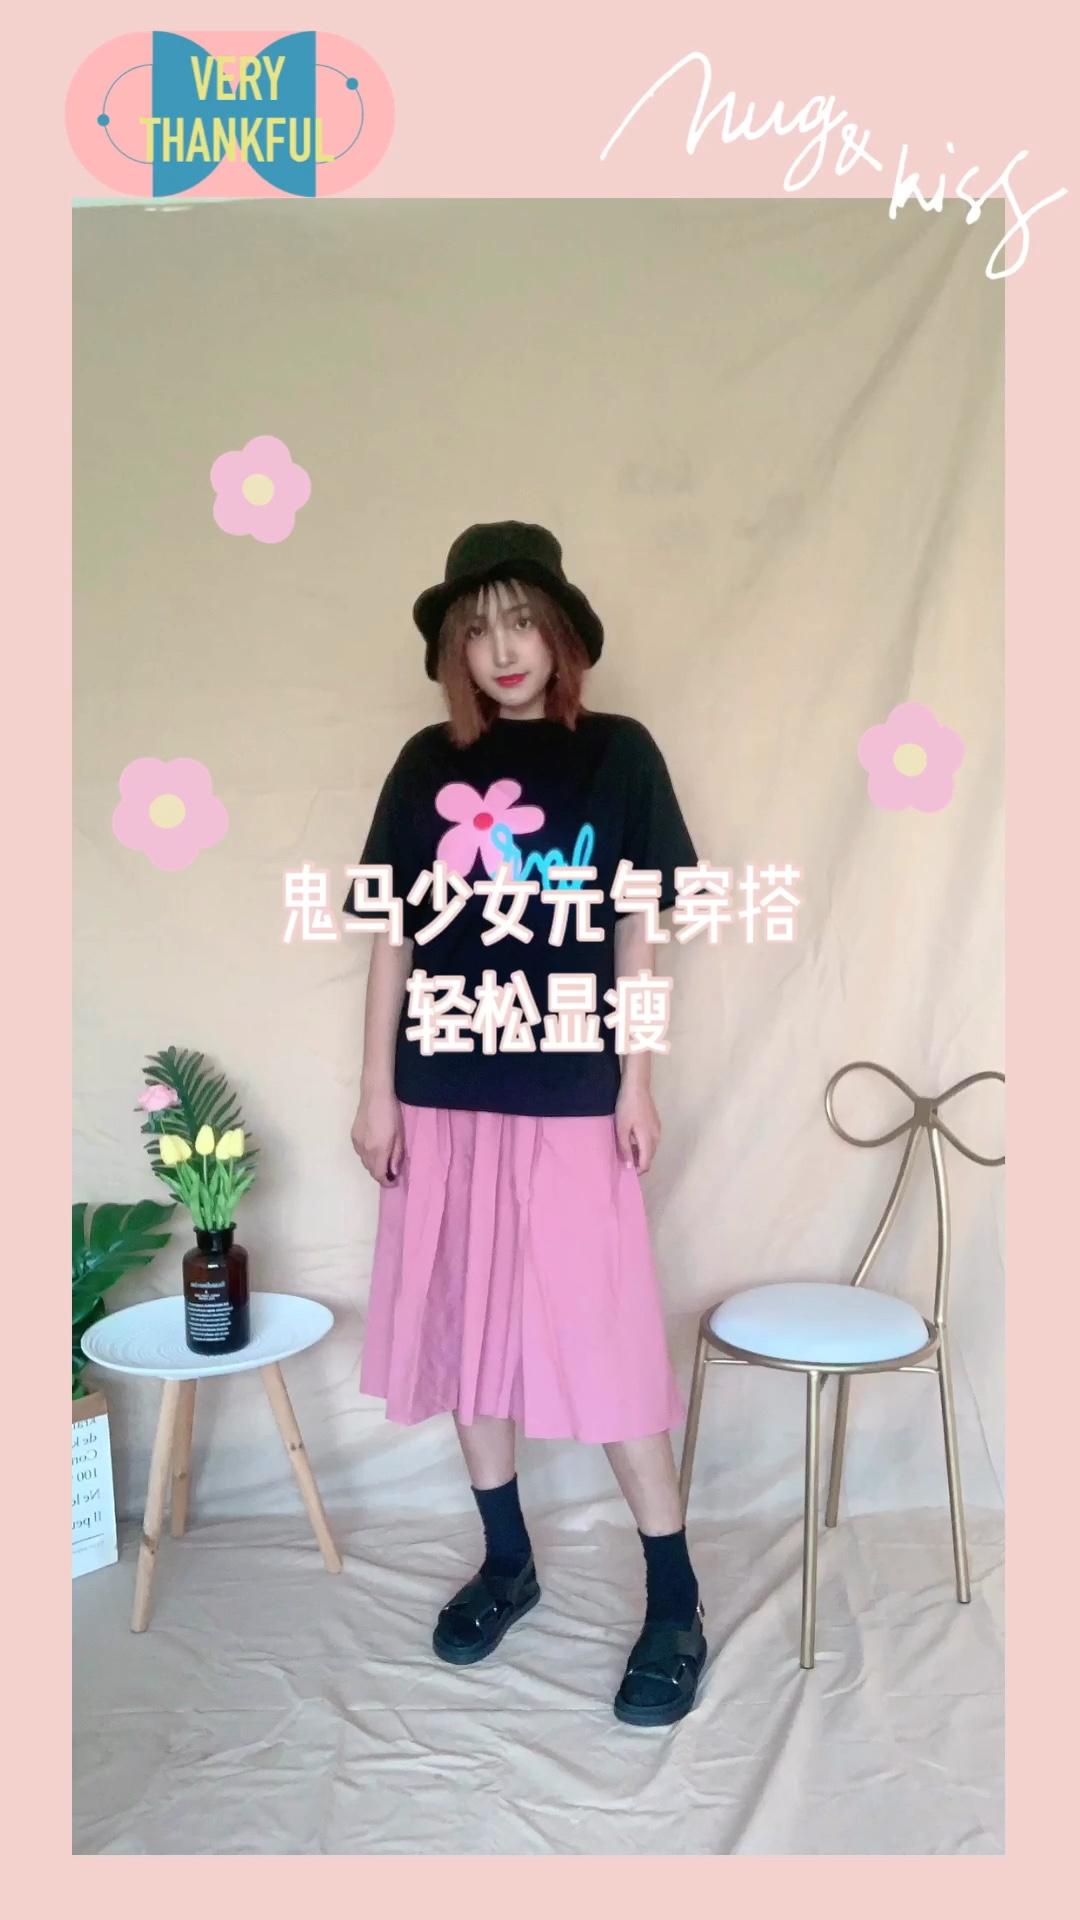 #鬼马少女元气穿衣经#  今年最流行的小花t恤 搭配粉色半身裙 非常减龄可爱的感觉 活力四射 加上渔夫帽的点缀 这一身好穿又好看